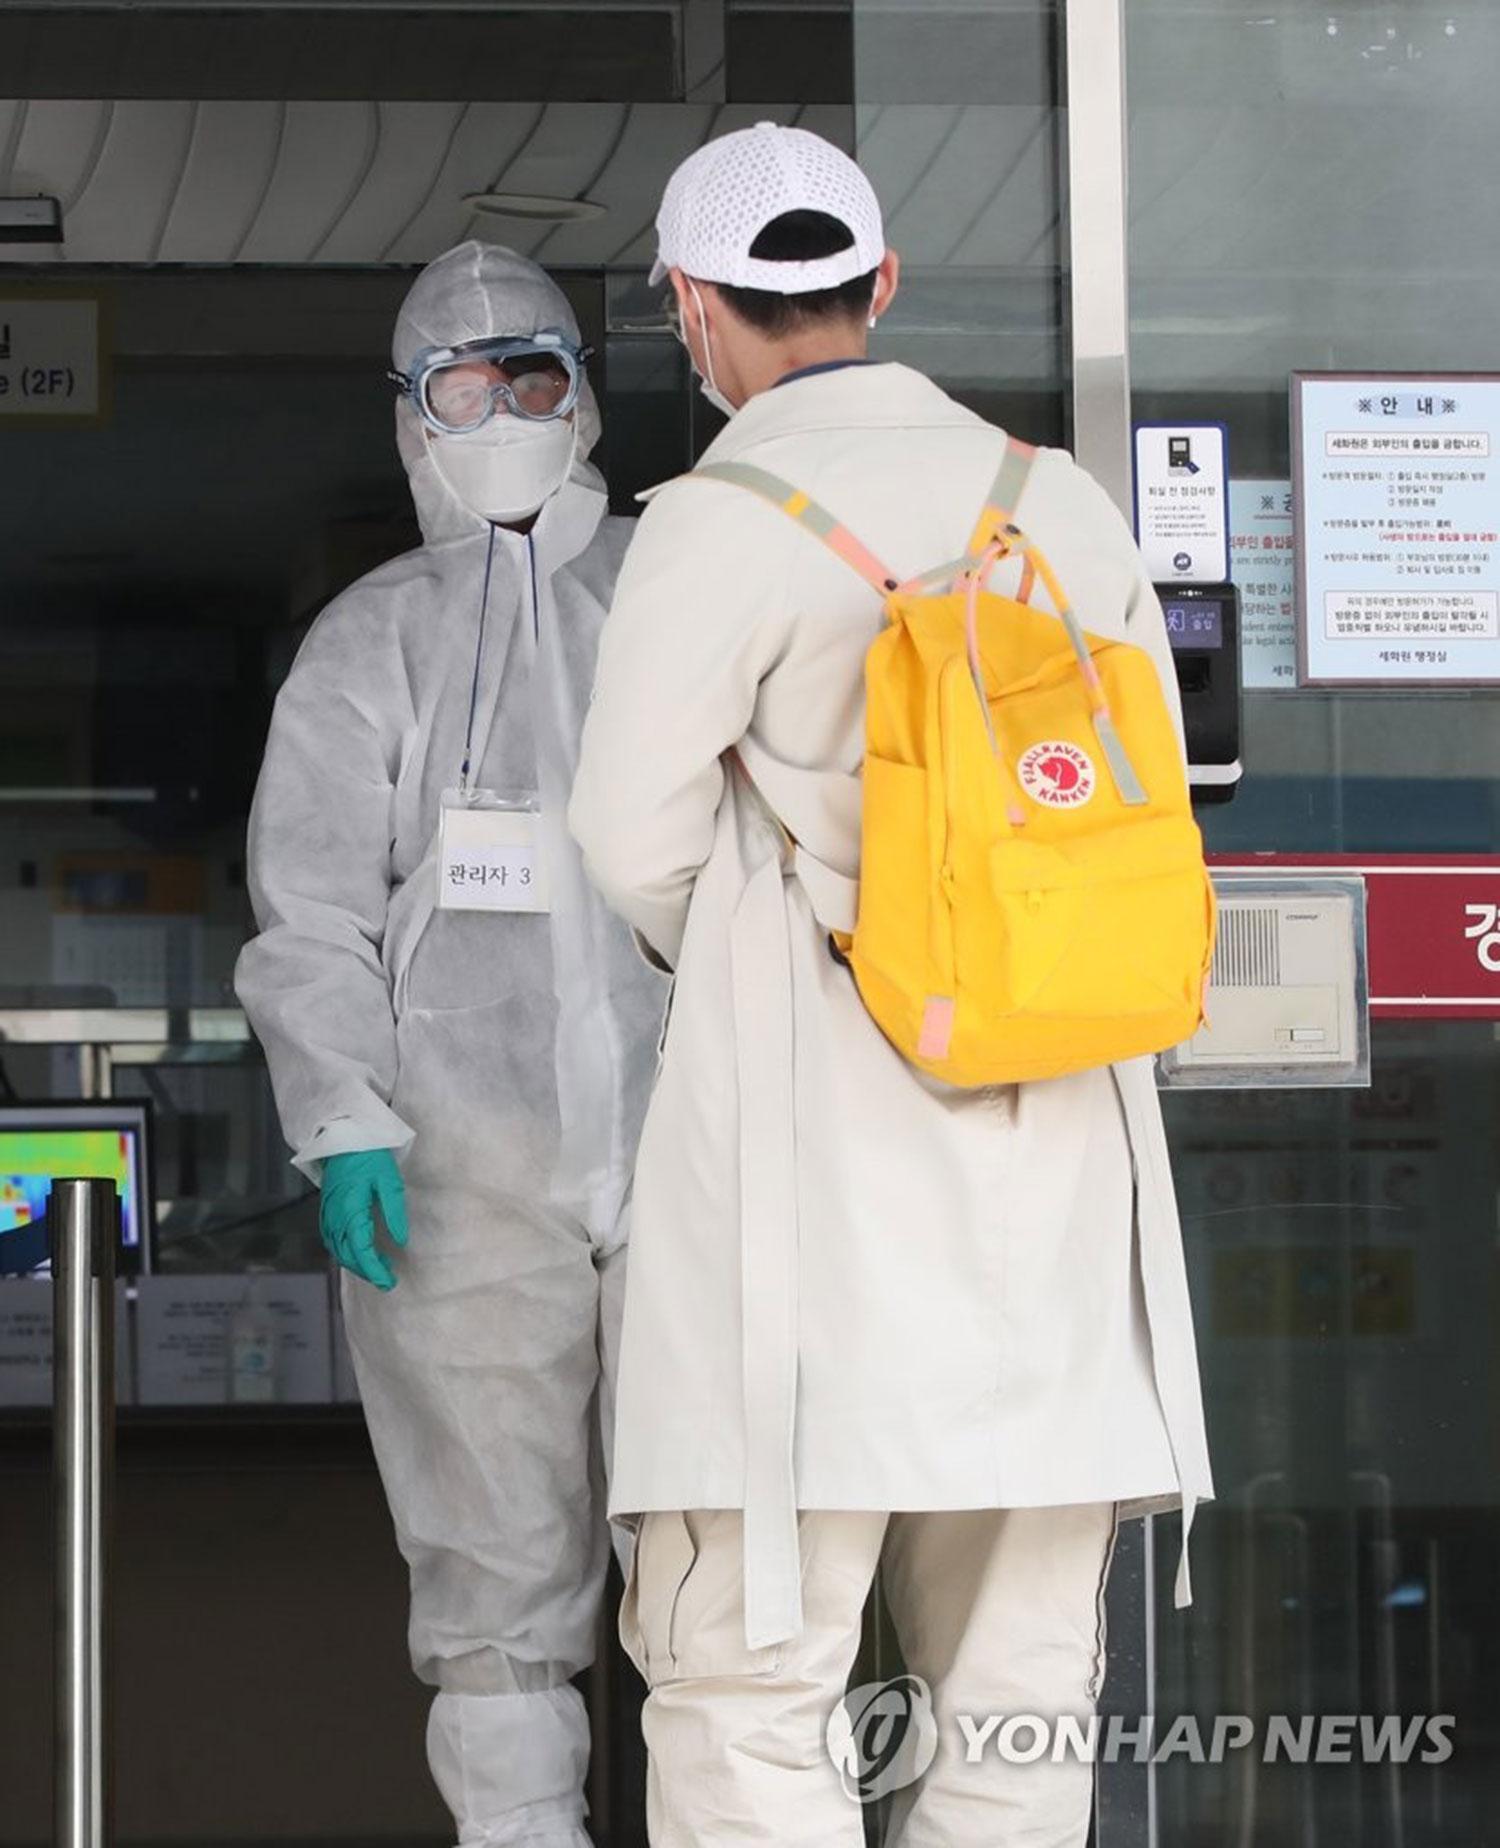 2020年2月24日,在位于首尔东大门区的庆熙大学,一名返校的中国留学生在身穿防护服的工作人员的引导下进入宿舍。 (韩联社)